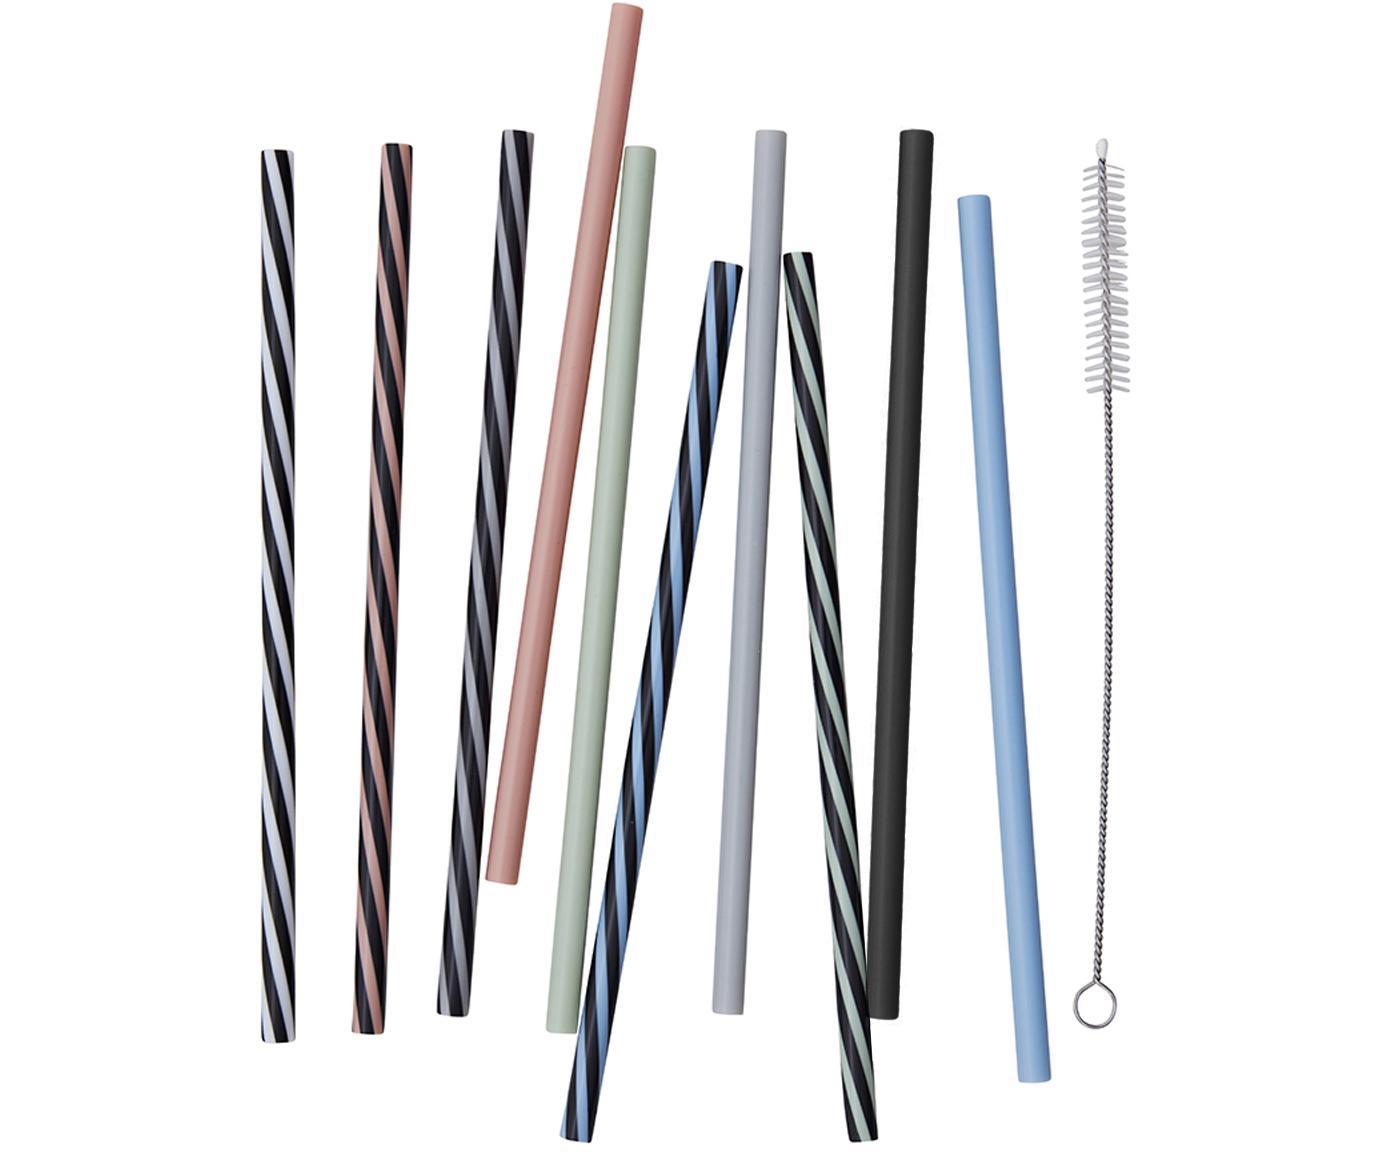 Komplet słomek Multi, 11 elem., Stal nierdzewna, nylon, Wielobarwny, D 19 cm